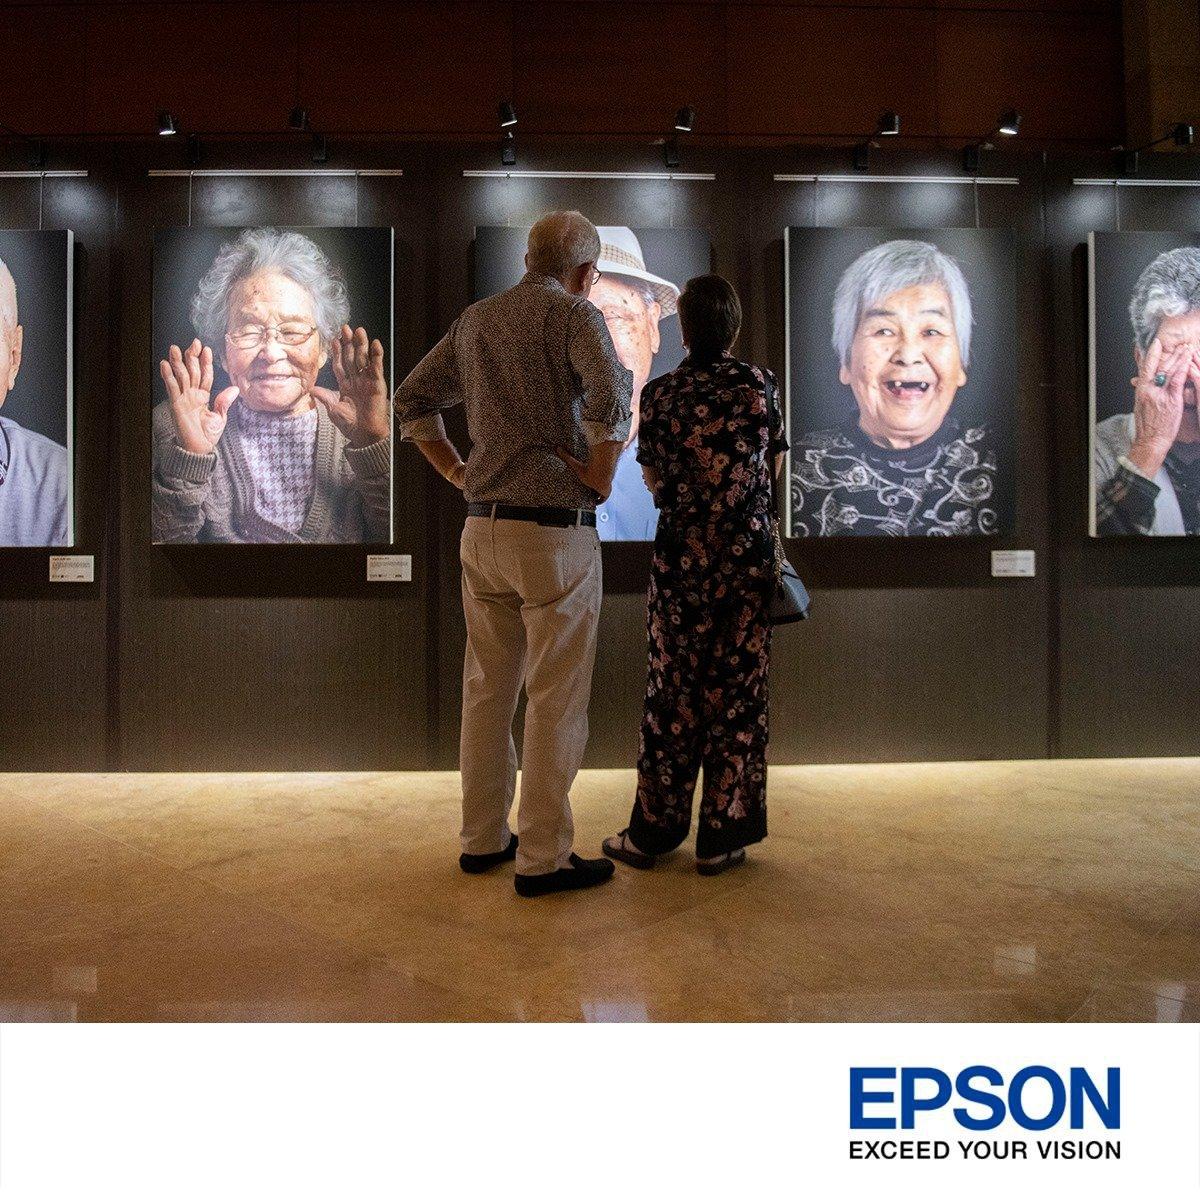 Epson printer photography exhibition singapore art show hotel portrait